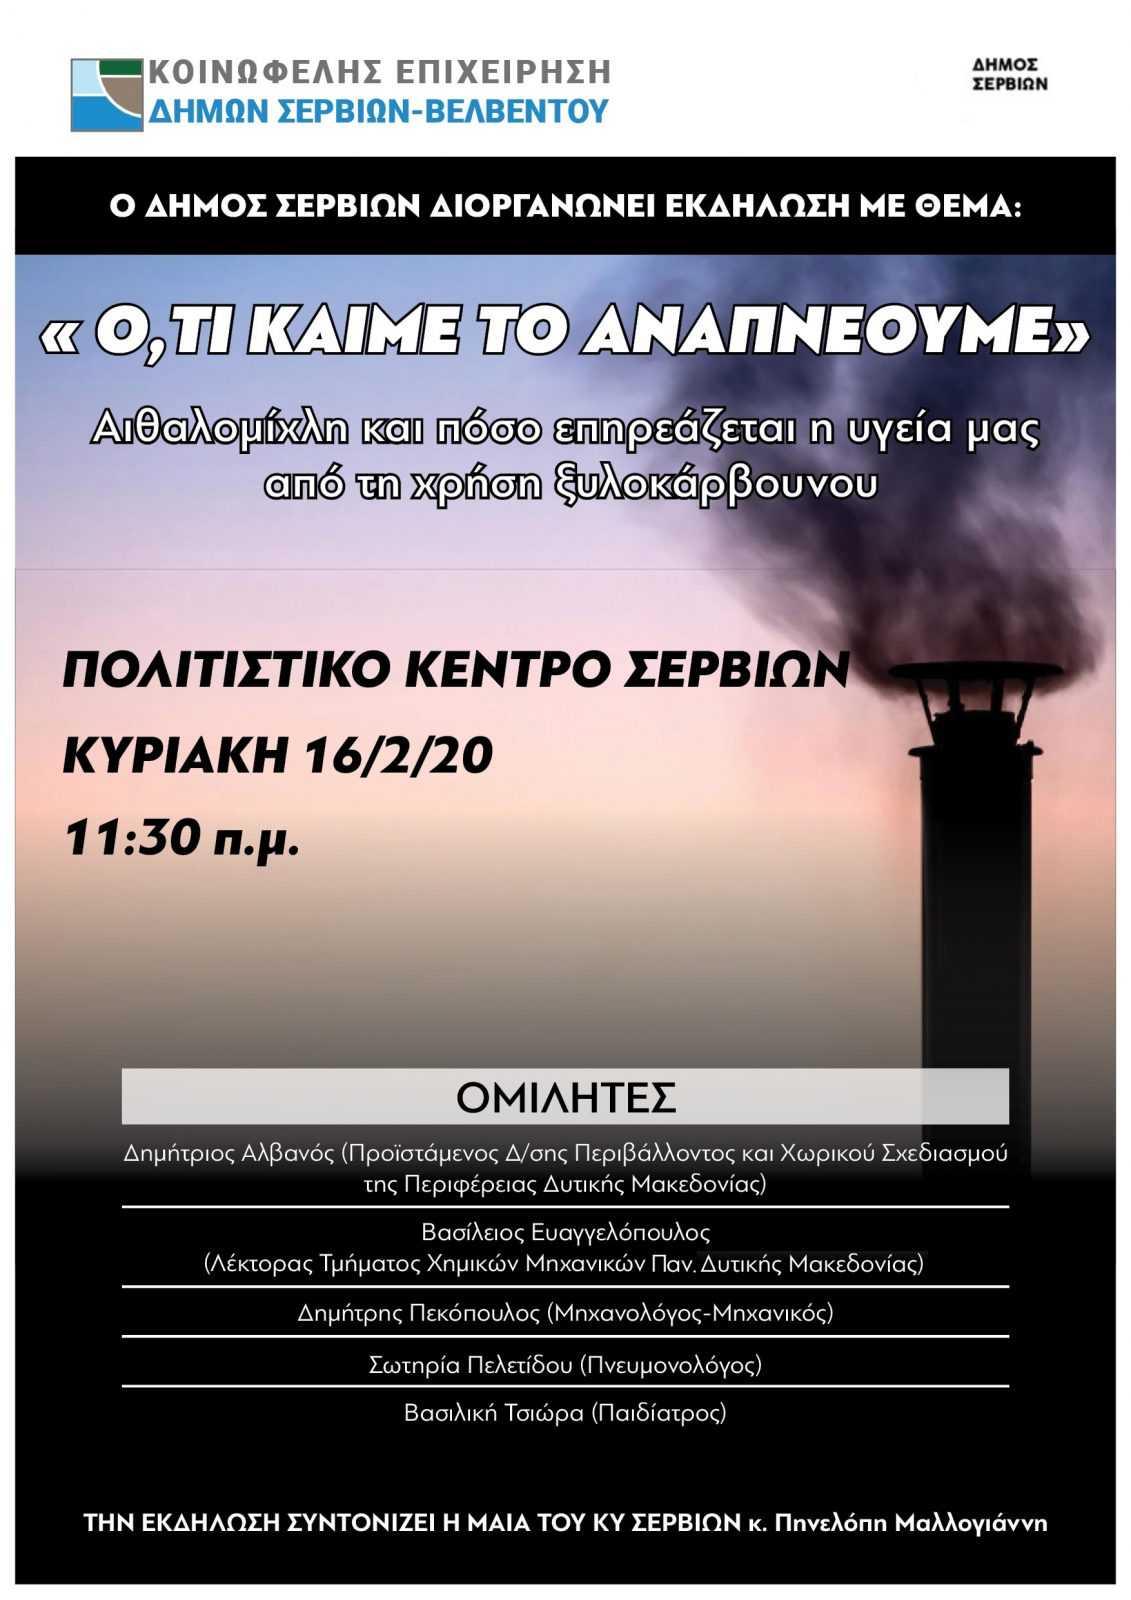 Ημερίδα με θέμα «Αιθαλομίχλη και πόσο επηρεάζεται η υγεία μας από τη χρήση ξυλοκάρβουνου» την Κυριακή 16 Φεβρουαρίου 2020 στο Πολιτιστικό κέντρο Σερβίων